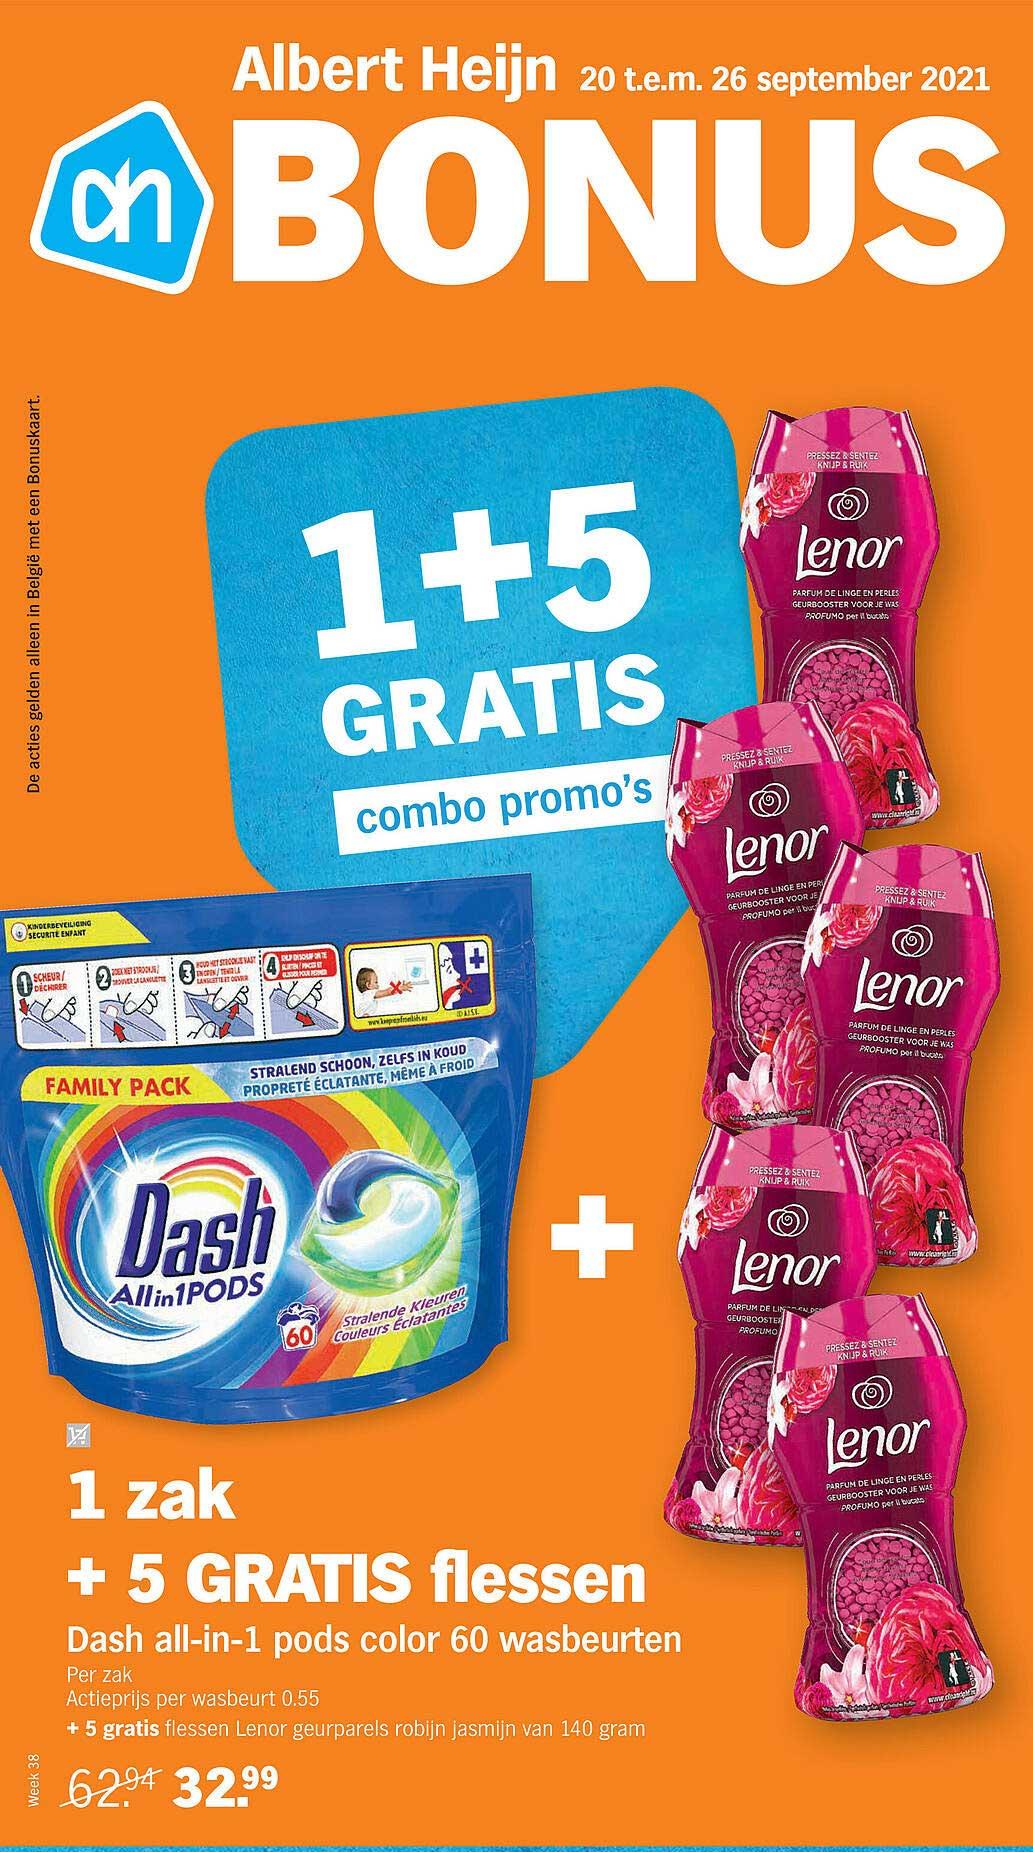 Albert Heijn Dash All-in-1 Pods Color 60 Wasbeurten